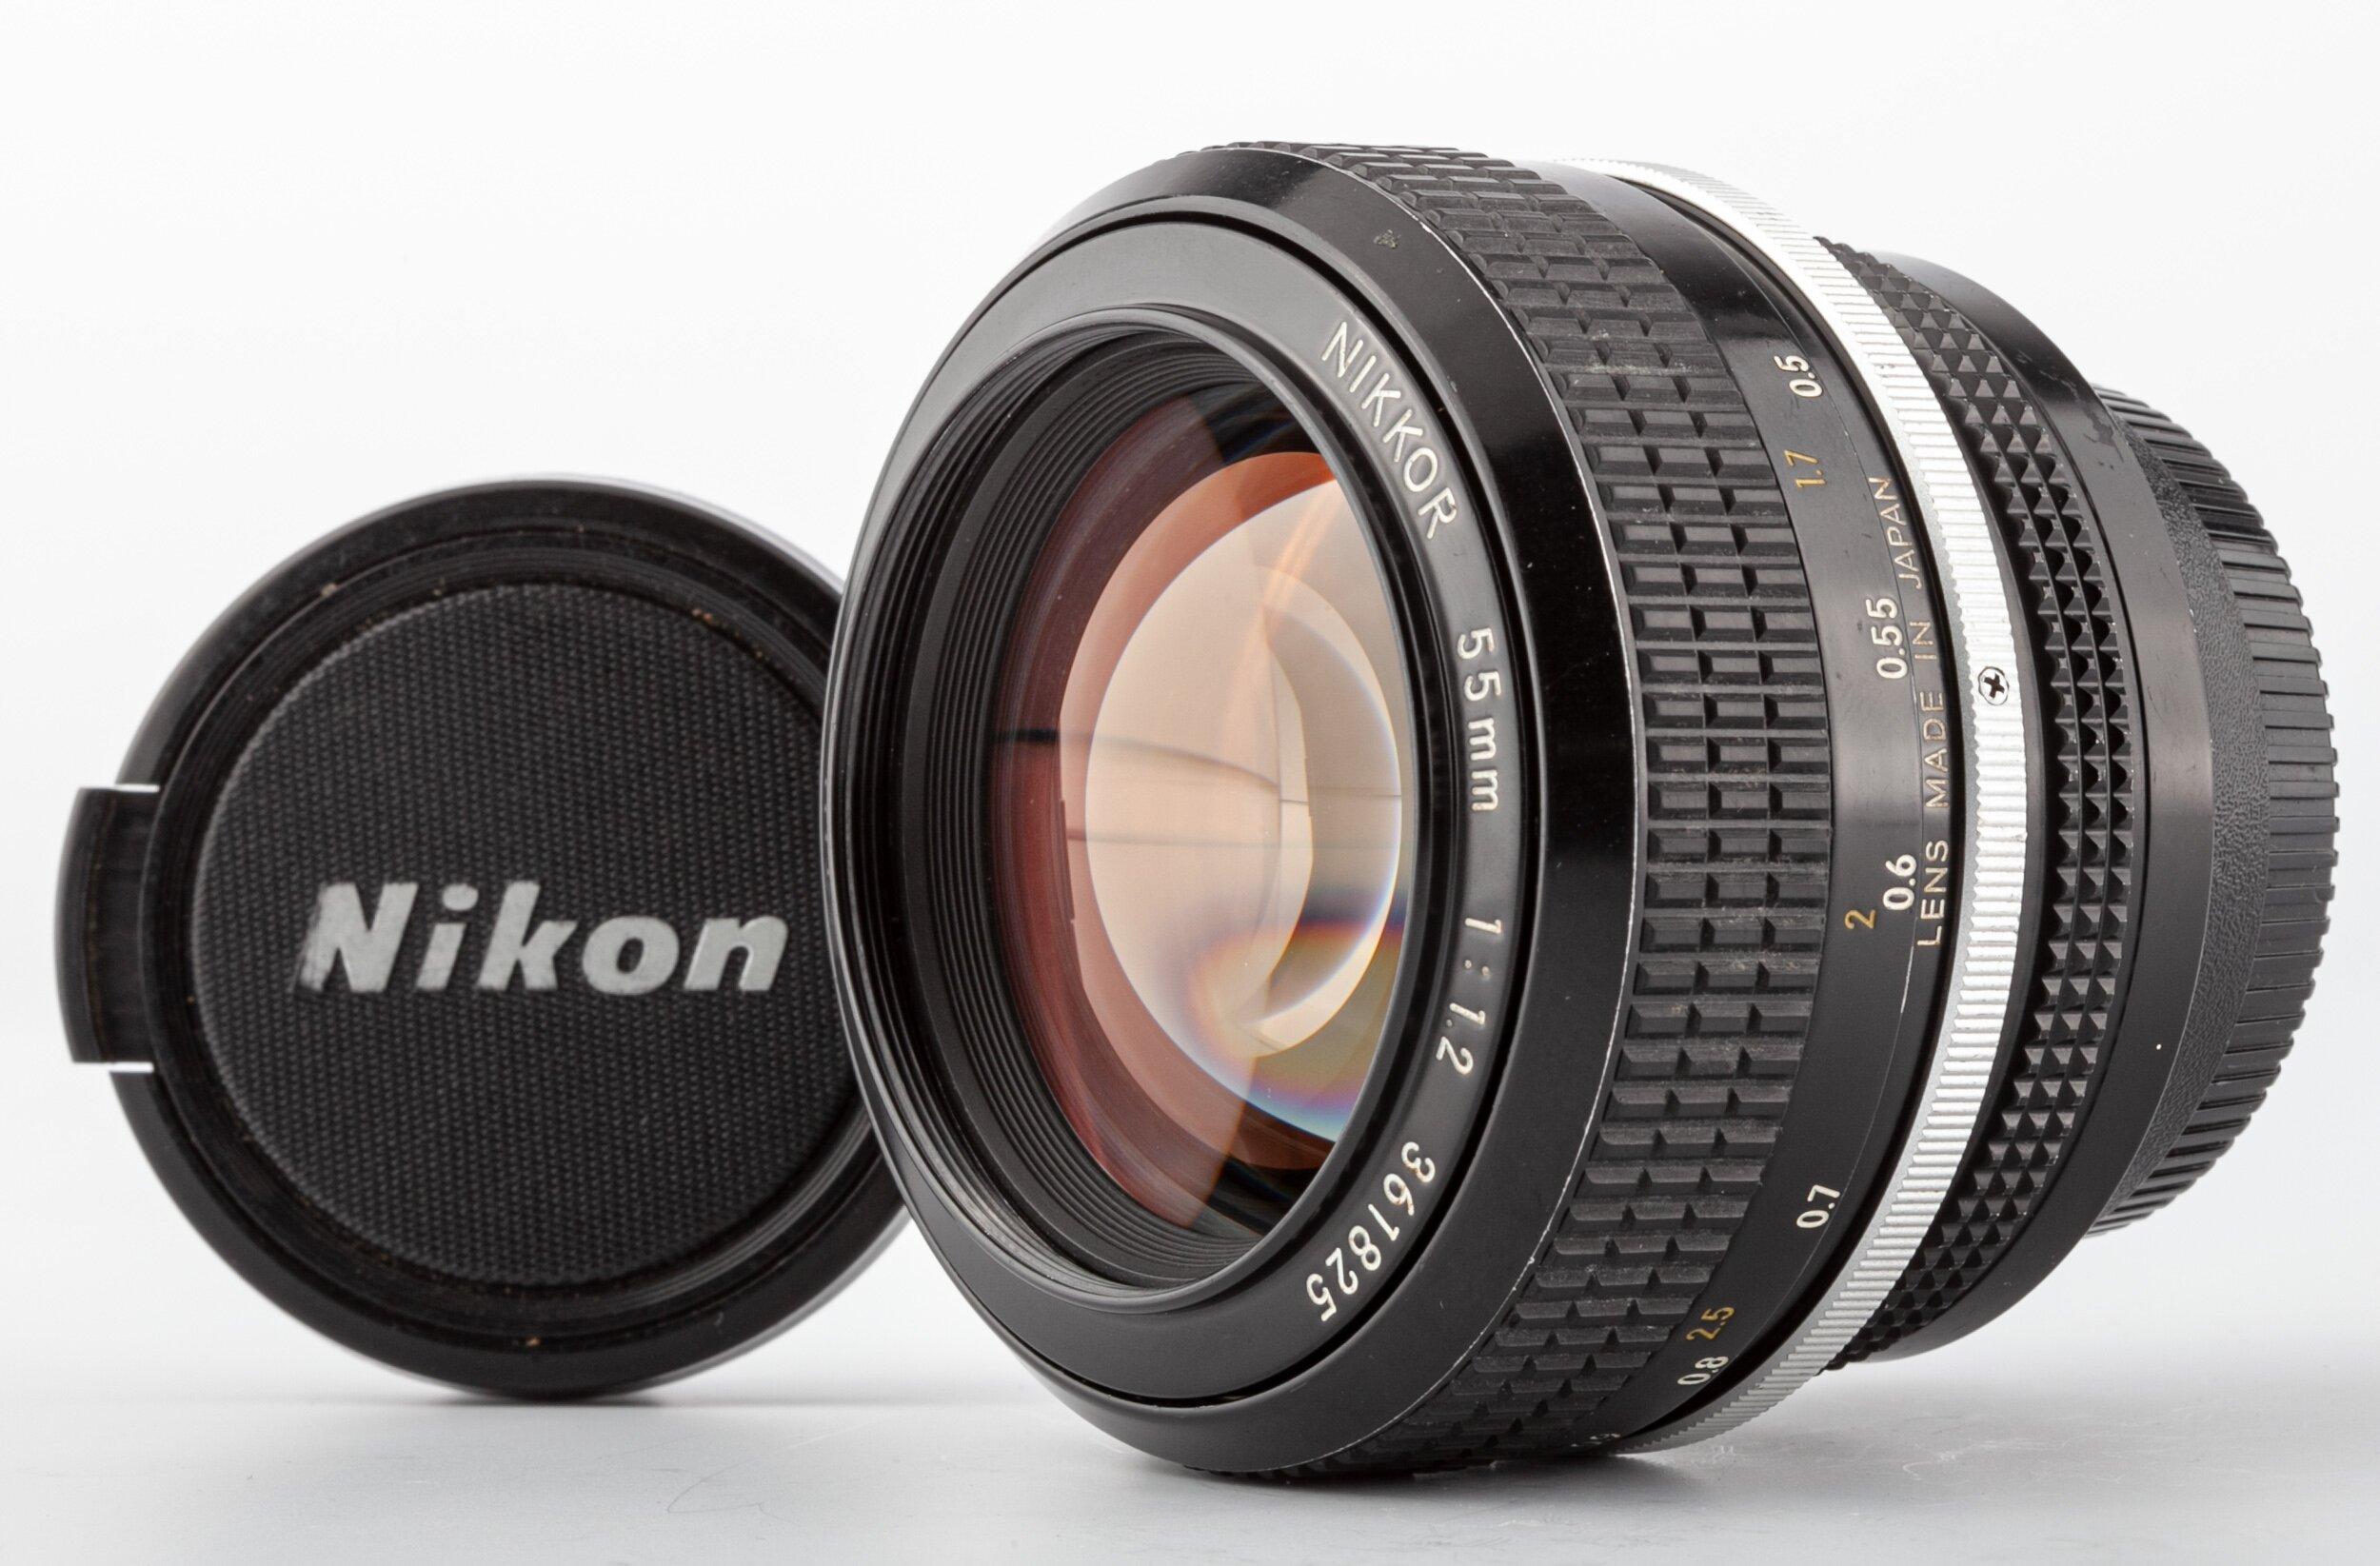 Nikon non AI Nikkor 55mm 1,2